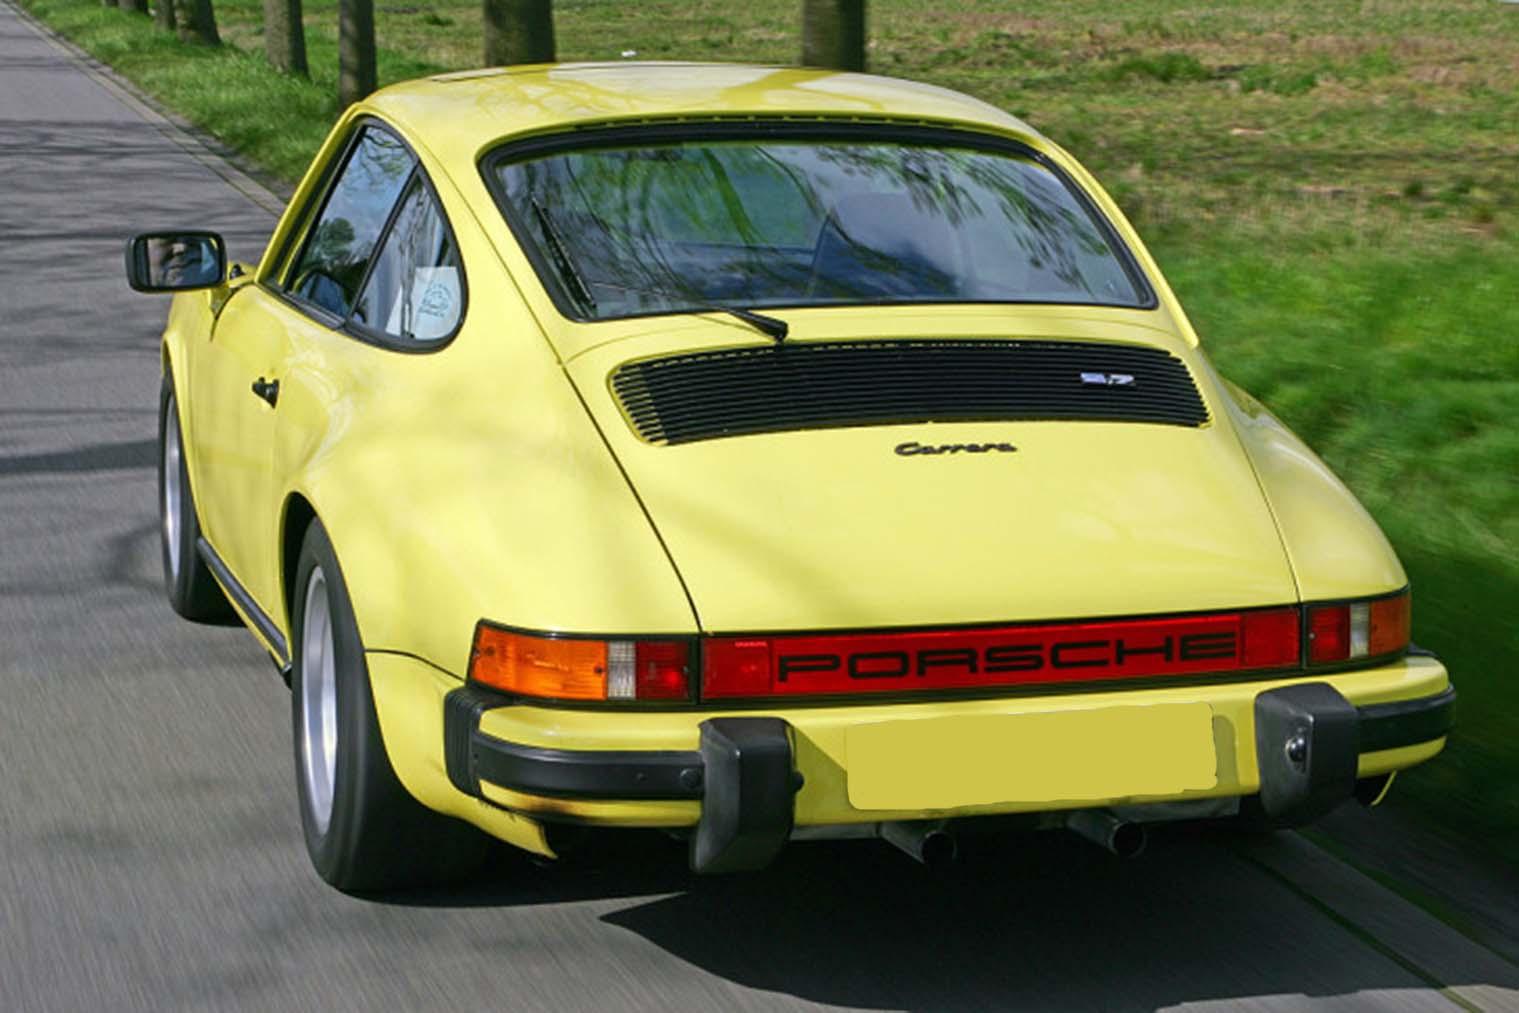 Porsche-911-Carrera-2-7-von-1973-hinten.jpg